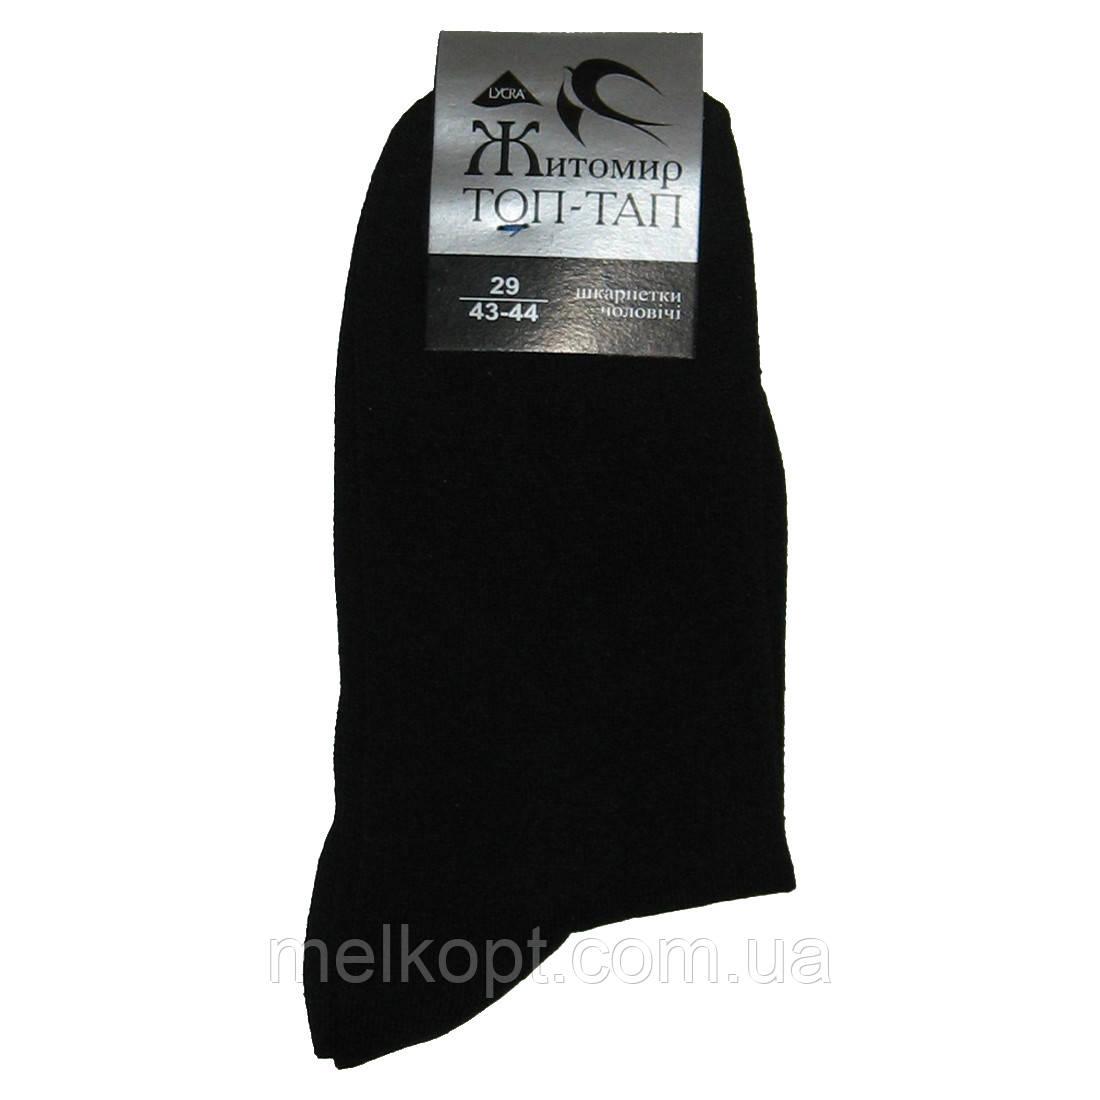 Мужские носки ТОП-ТАП - 8,30 грн./пара (стрейч, черные)